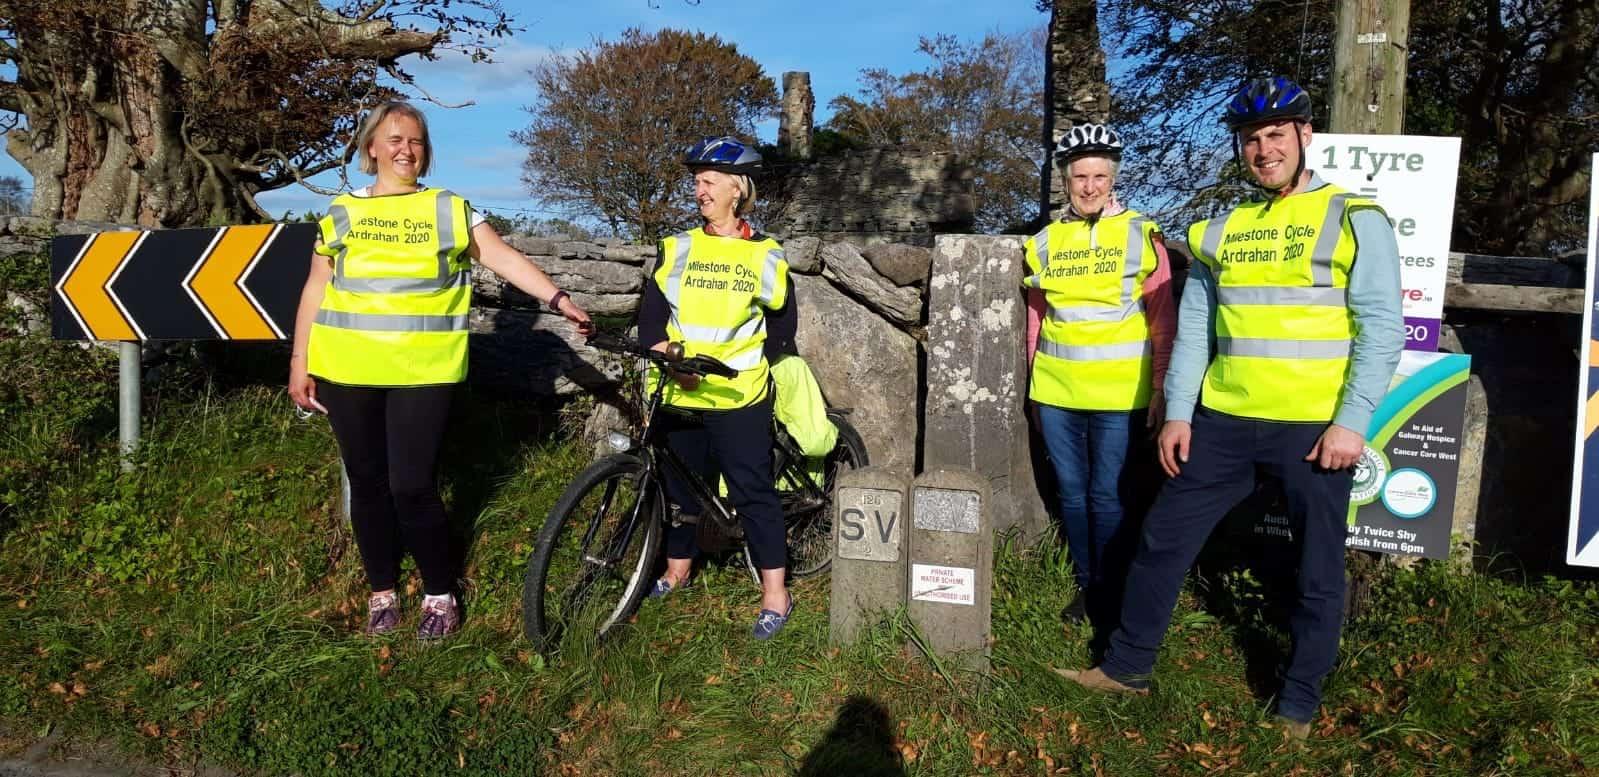 Ardrahan Cycle Committee